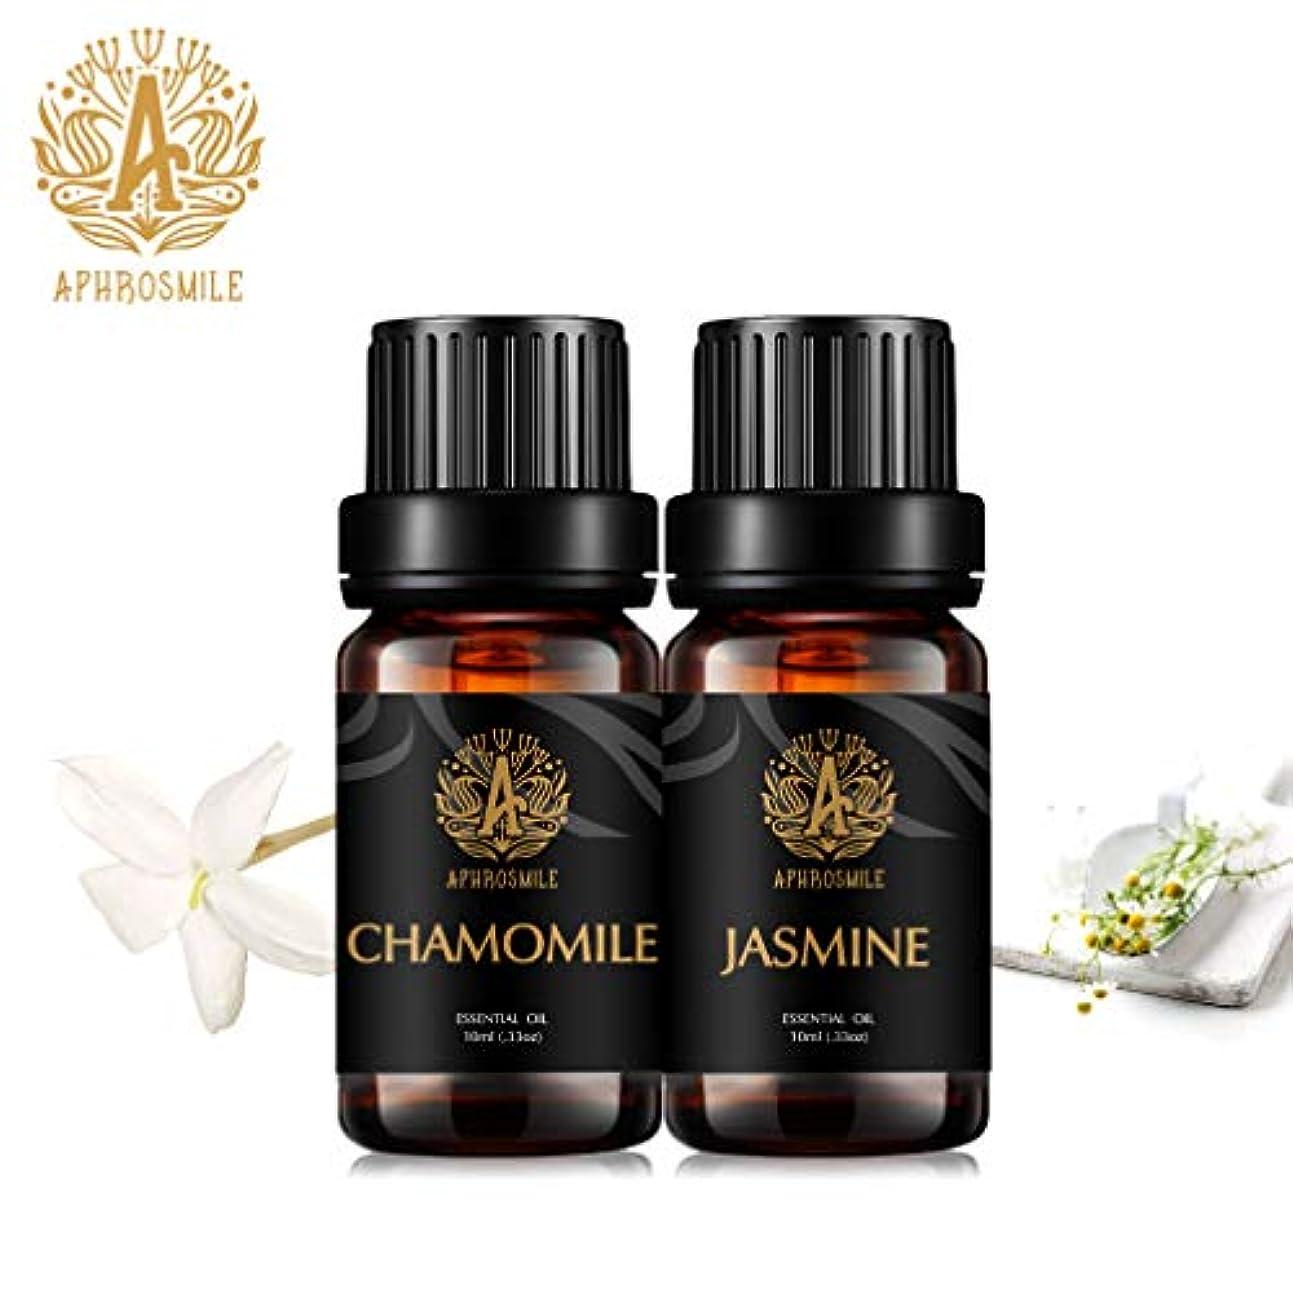 害虫助けて羽APHORSMILE JP 100% 純粋と天然の精油、カモミール/ジャスミン、2 /10mlボトル - 【エッセンシャルオイル】、アロマテラピー/デイリーケア可能